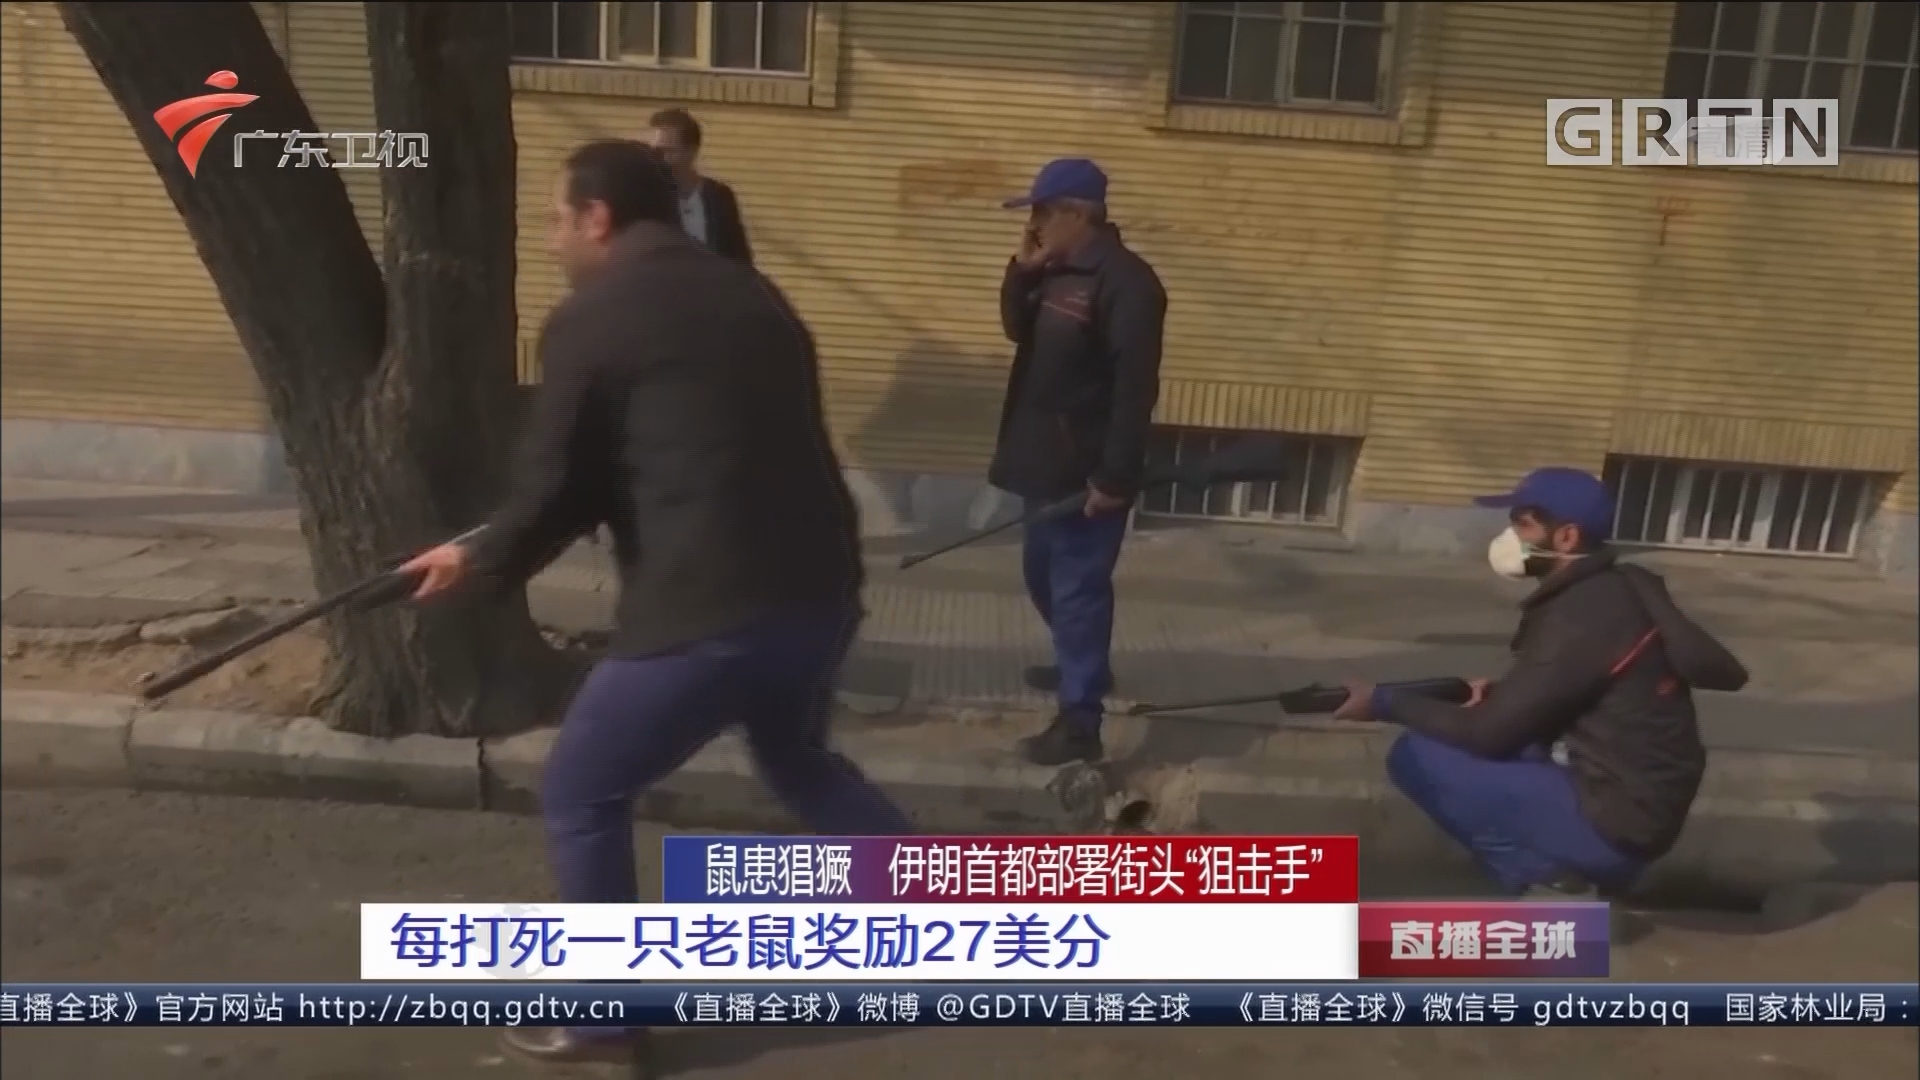 """鼠患猖獗 伊朗首都部署街头""""狙击手"""" 每打死一只老鼠奖励27美分"""